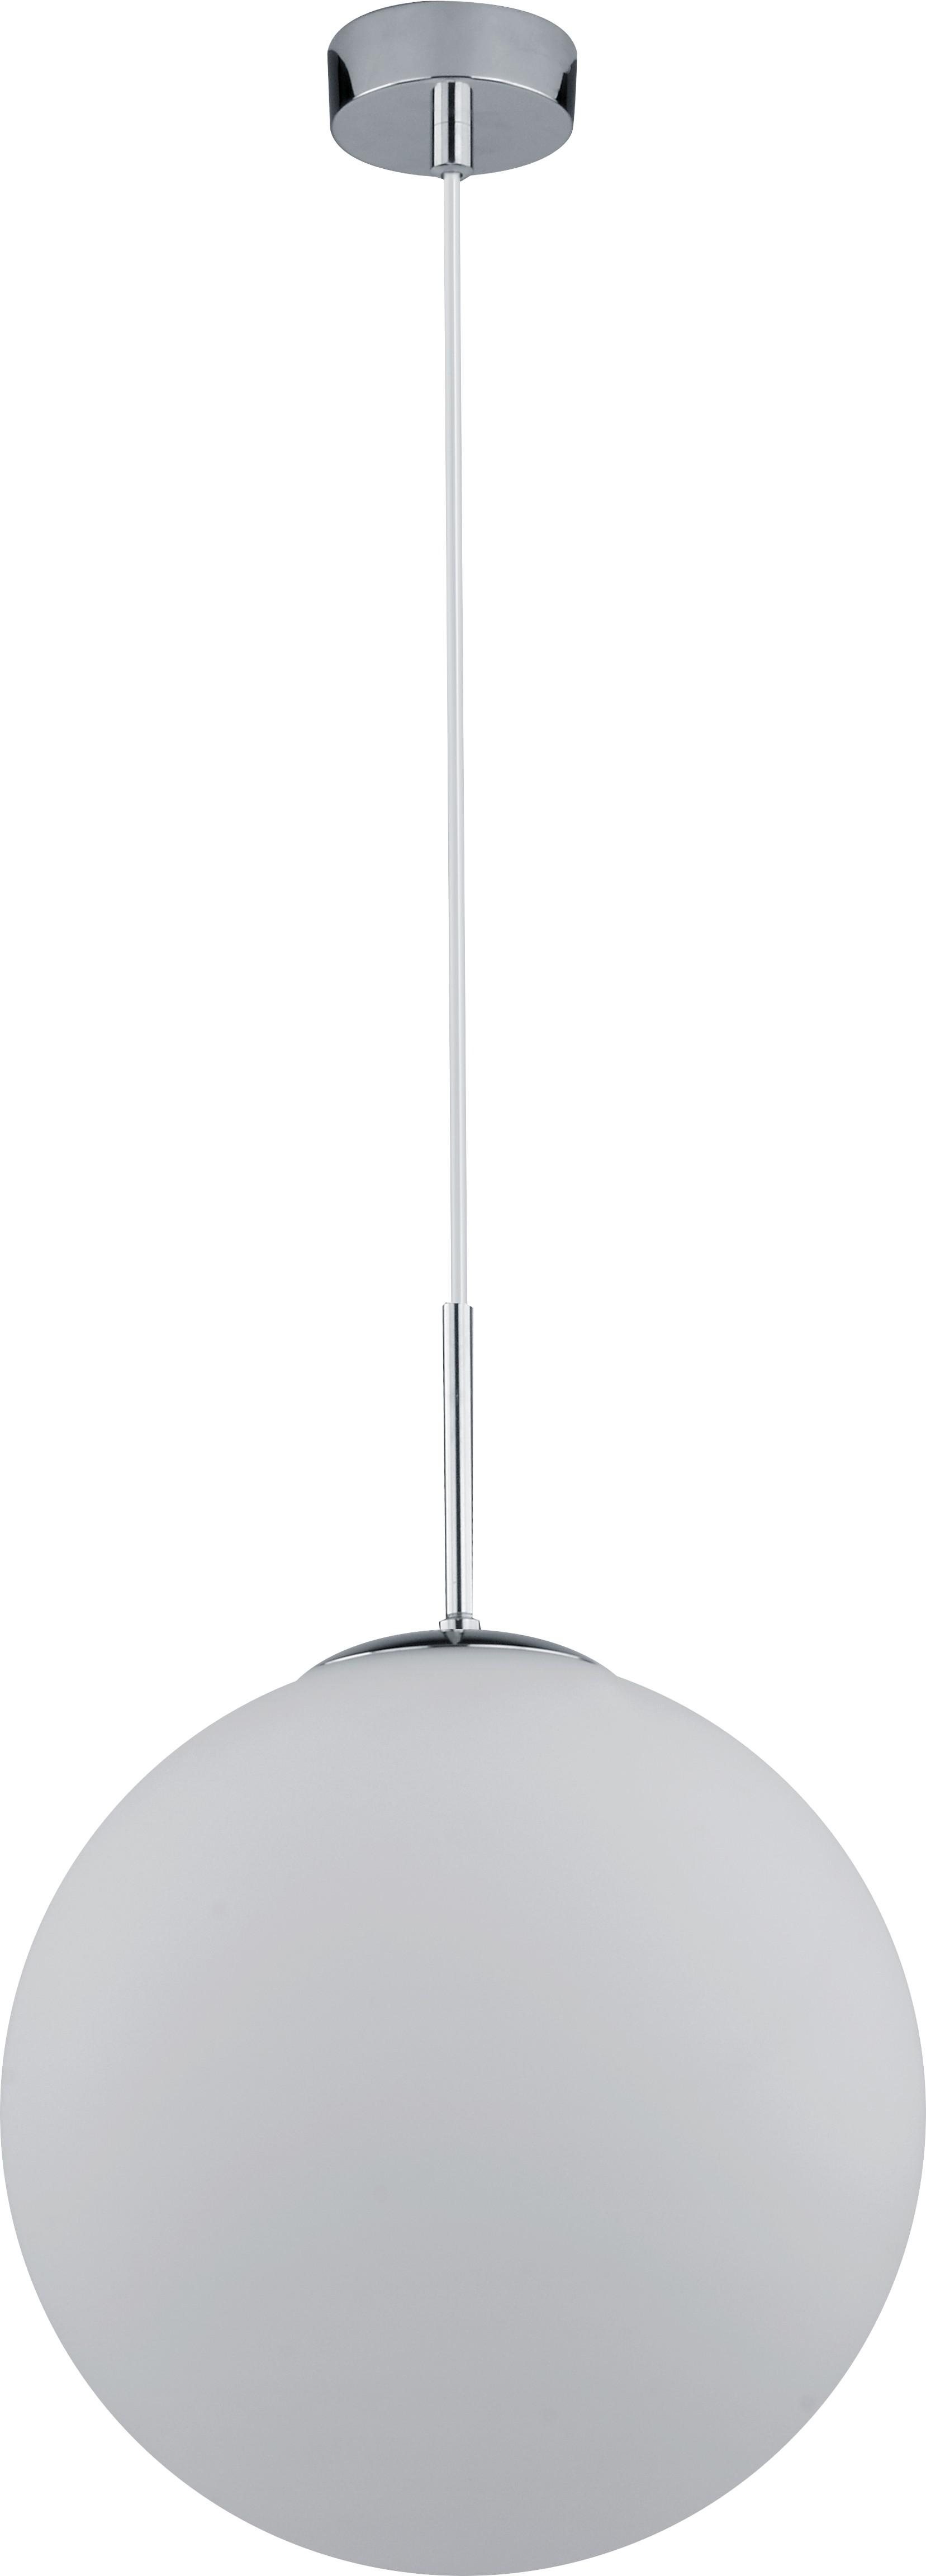 Купить Светильник подвесной Arte lamp A1563sp-1cc